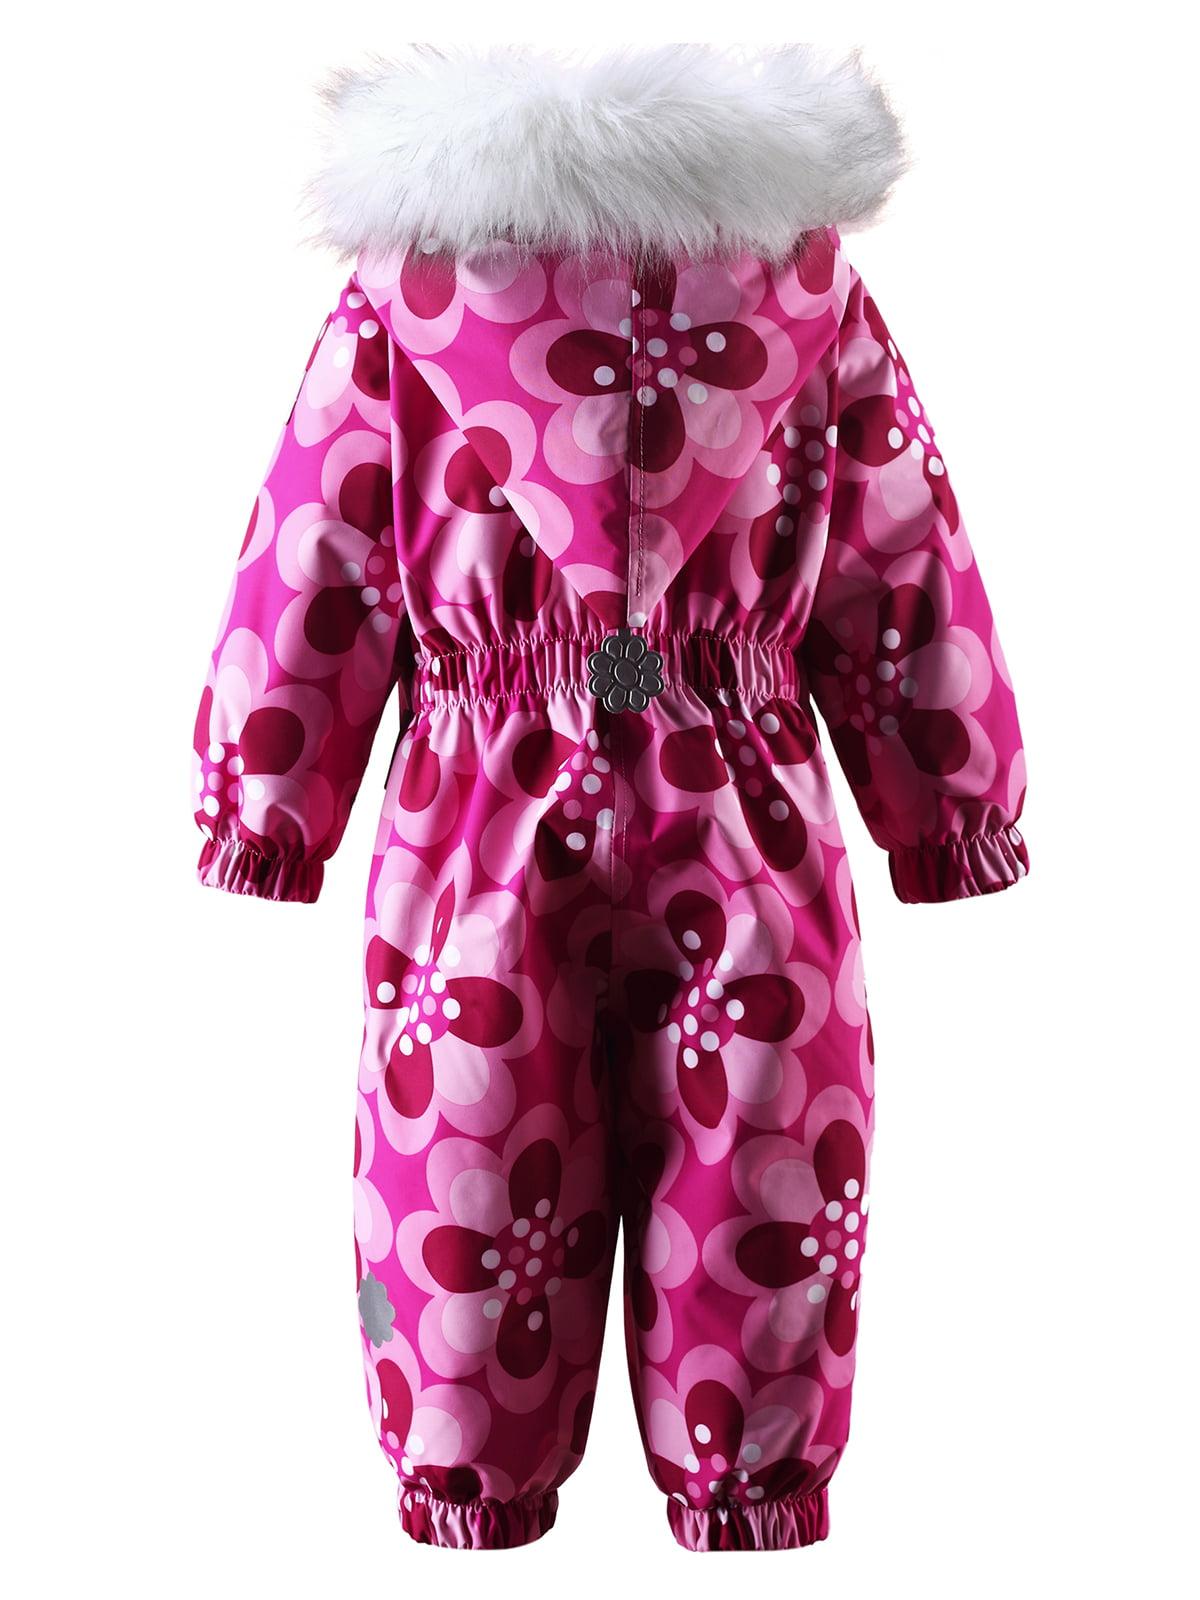 Комбинезон розовый в цветочный принт | 1422357 | фото 6